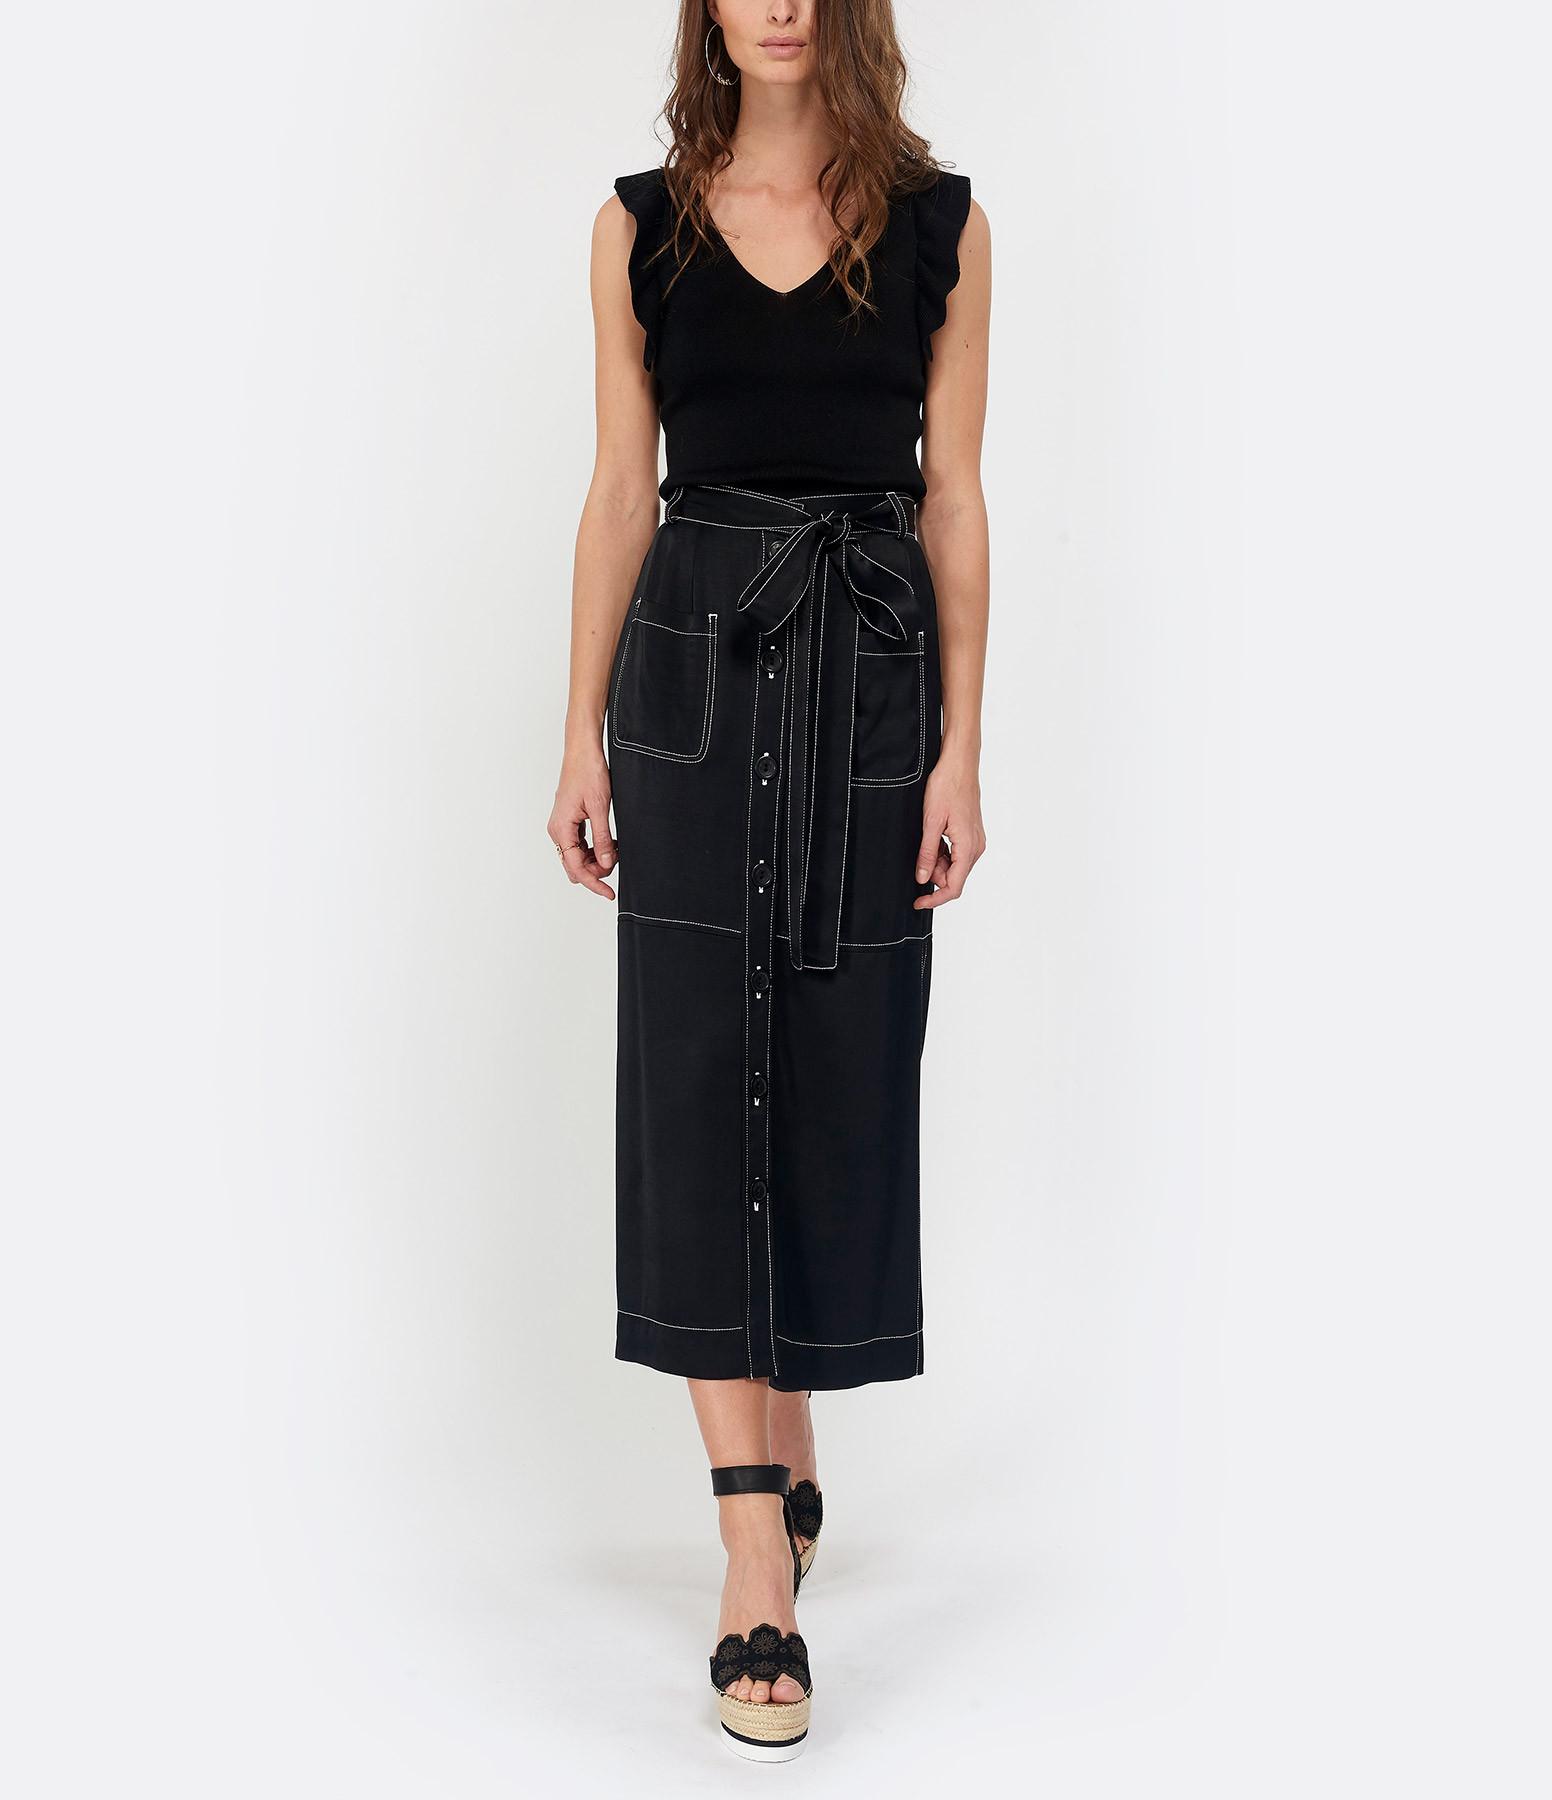 ROBERTO COLLINA - Top Volant Coton Noir